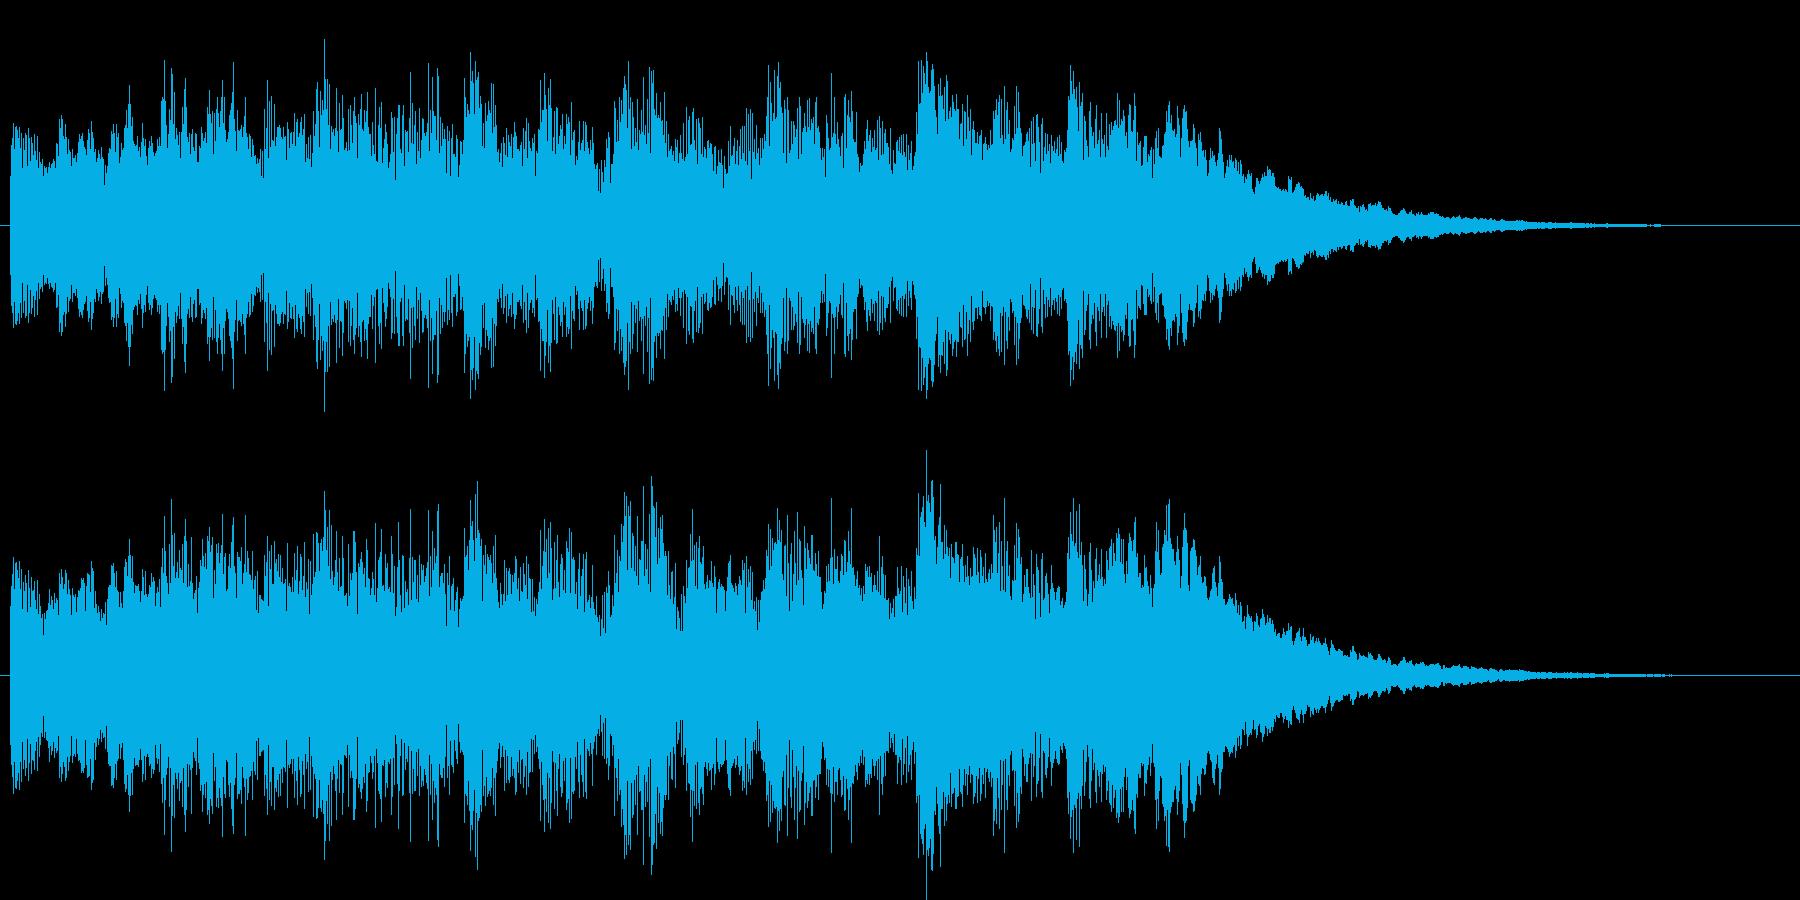 シンセとベルのチャイムの再生済みの波形